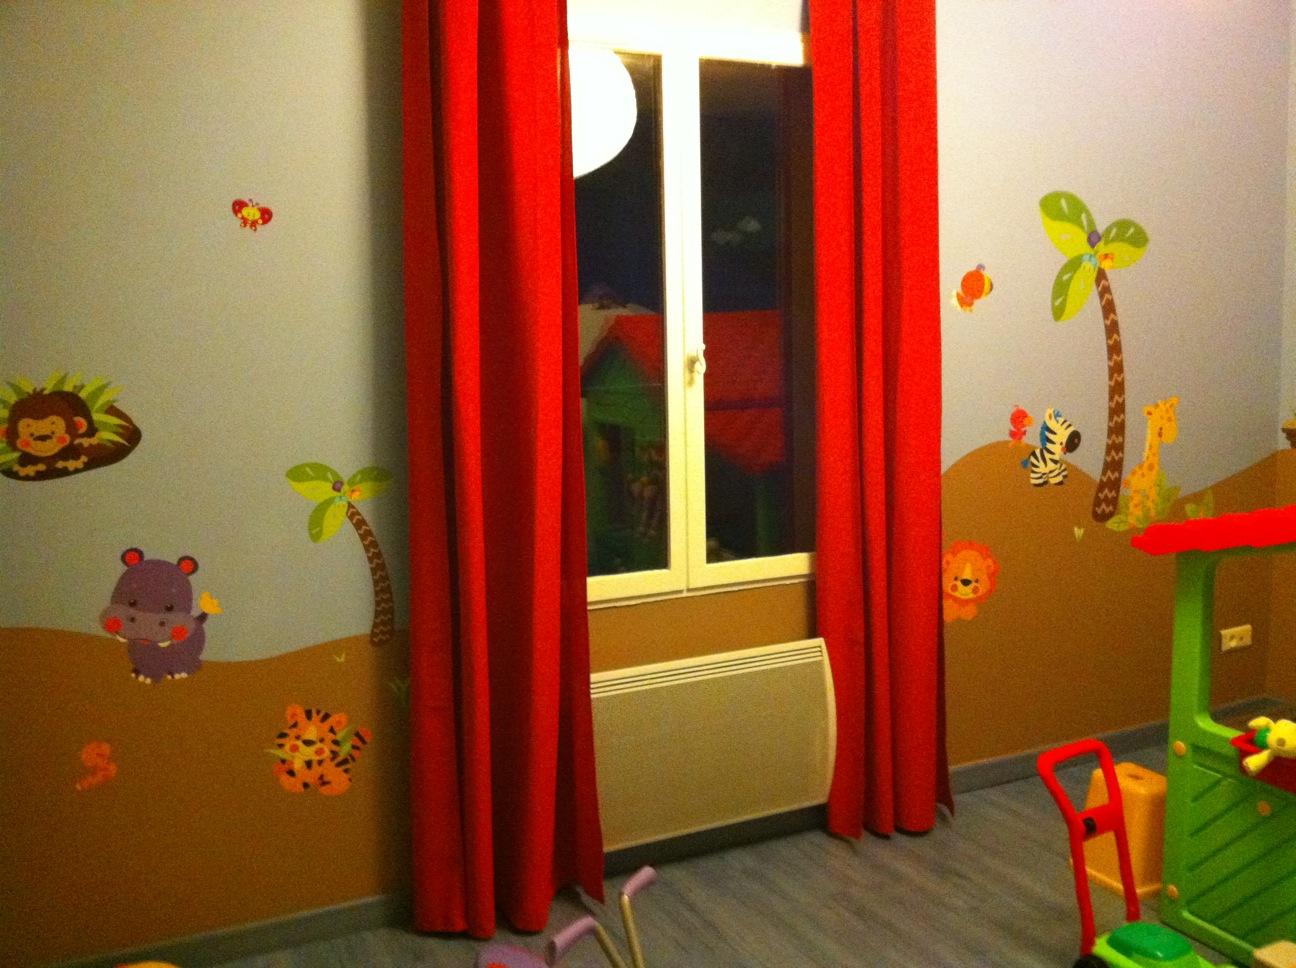 decoration salle de jeux id es et conseils d co transformer une pi ce en salle de jeux. Black Bedroom Furniture Sets. Home Design Ideas